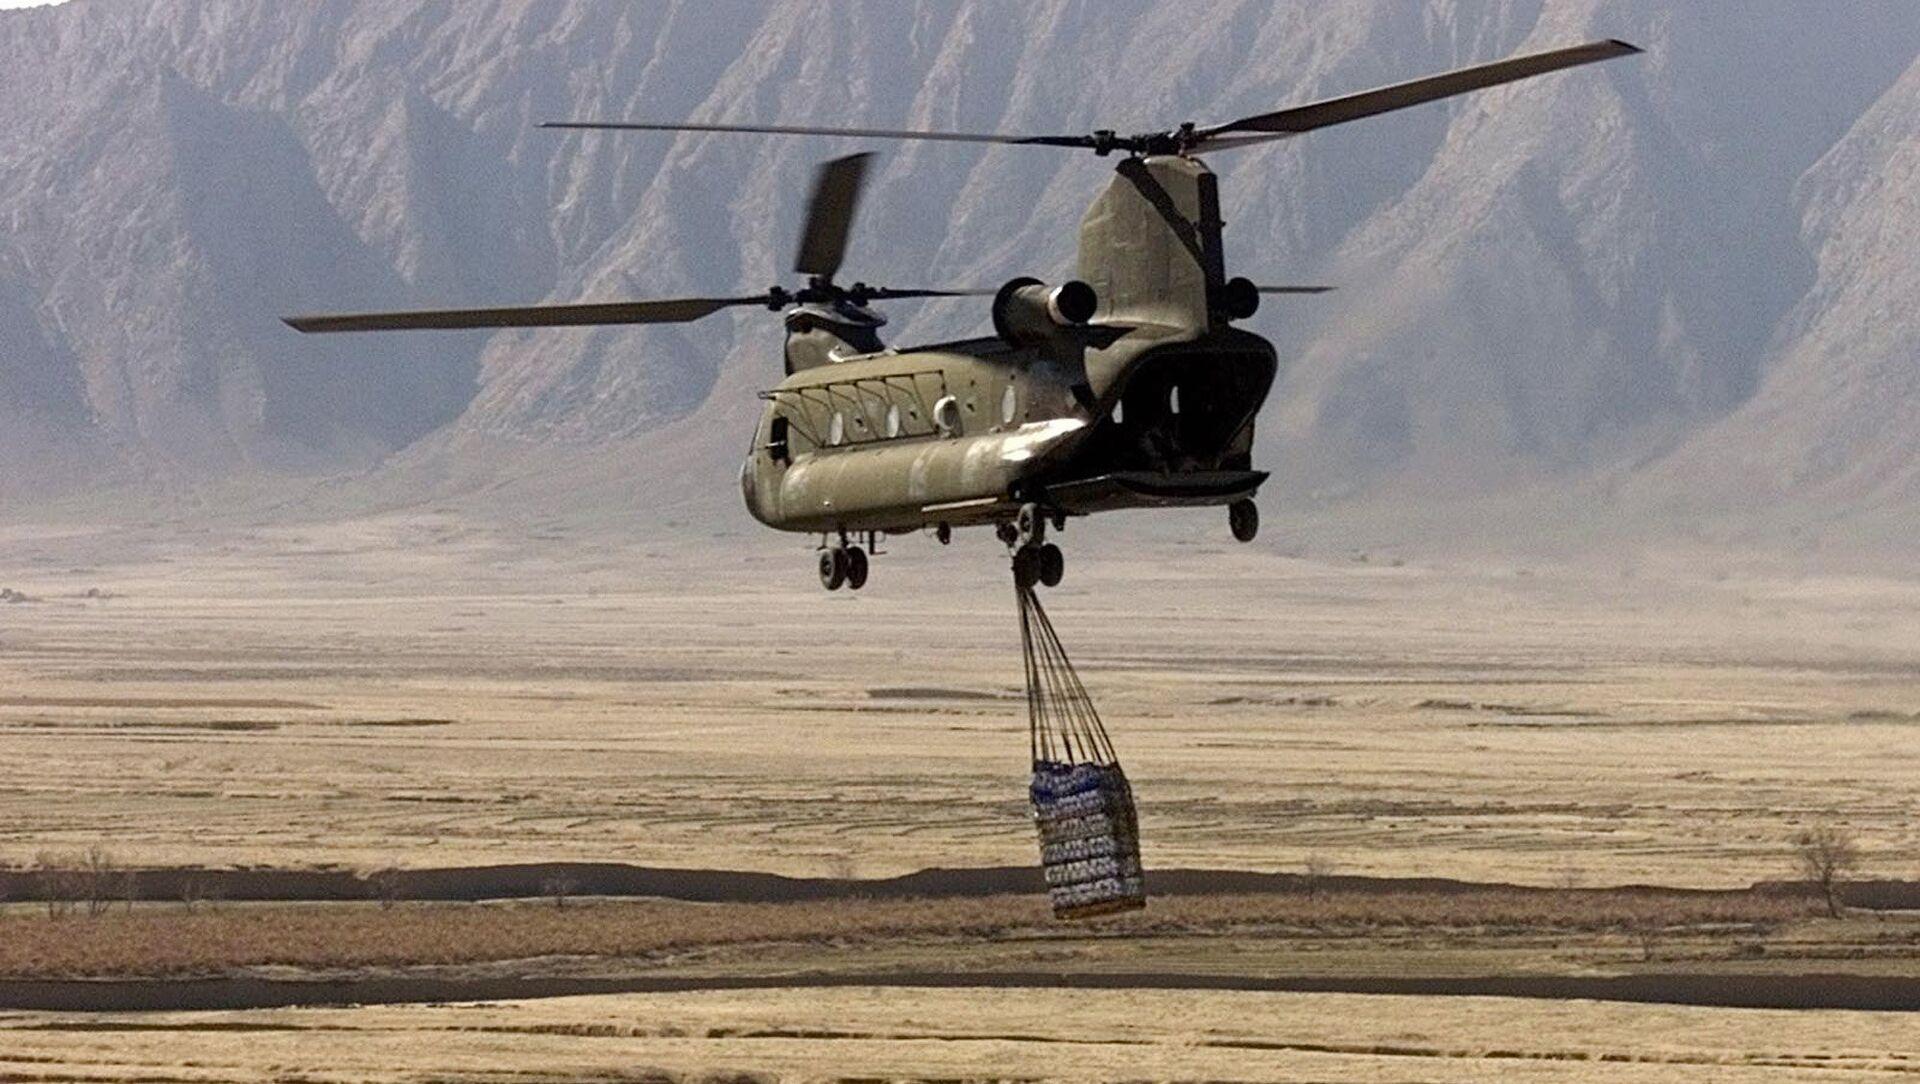 Elicottero americano CH-47 Chinook in Afghanistan (foto d'archivio) - Sputnik Italia, 1920, 31.03.2021